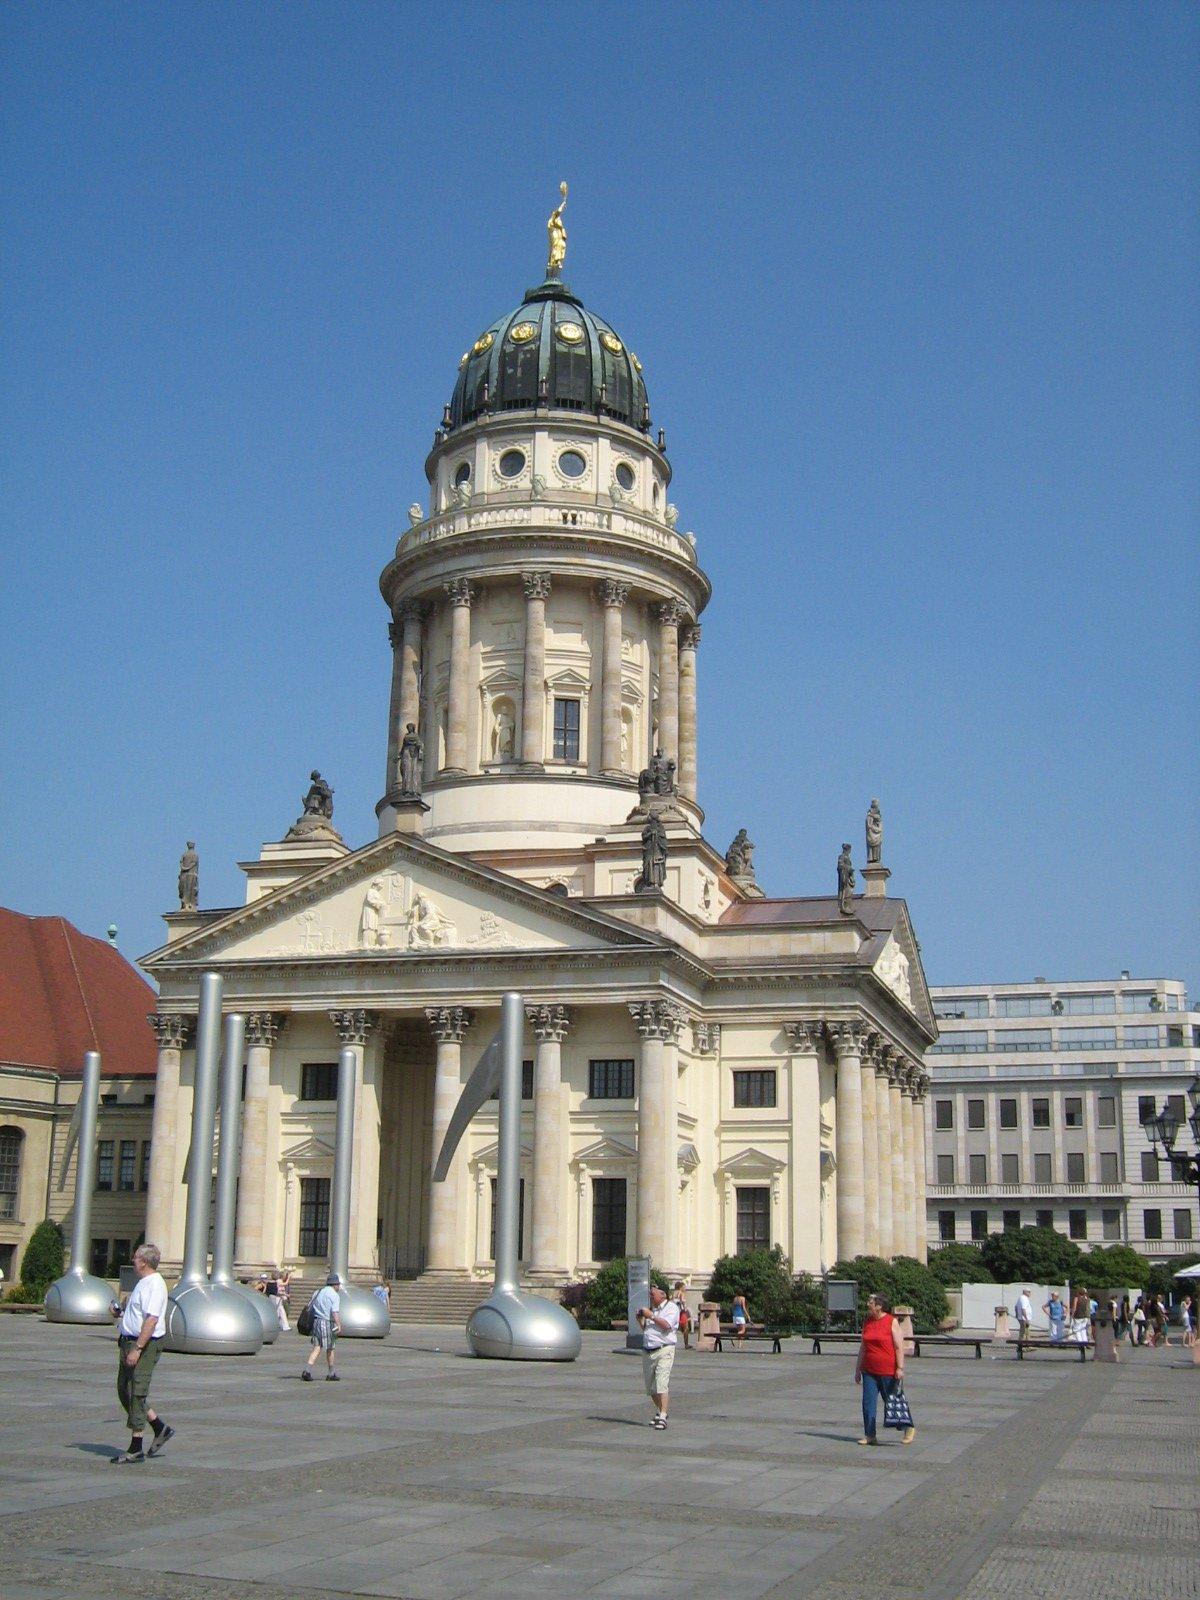 Жандарменмаркт. Историческая рыночная площадь в Берлине, Германия. Июль, 2006